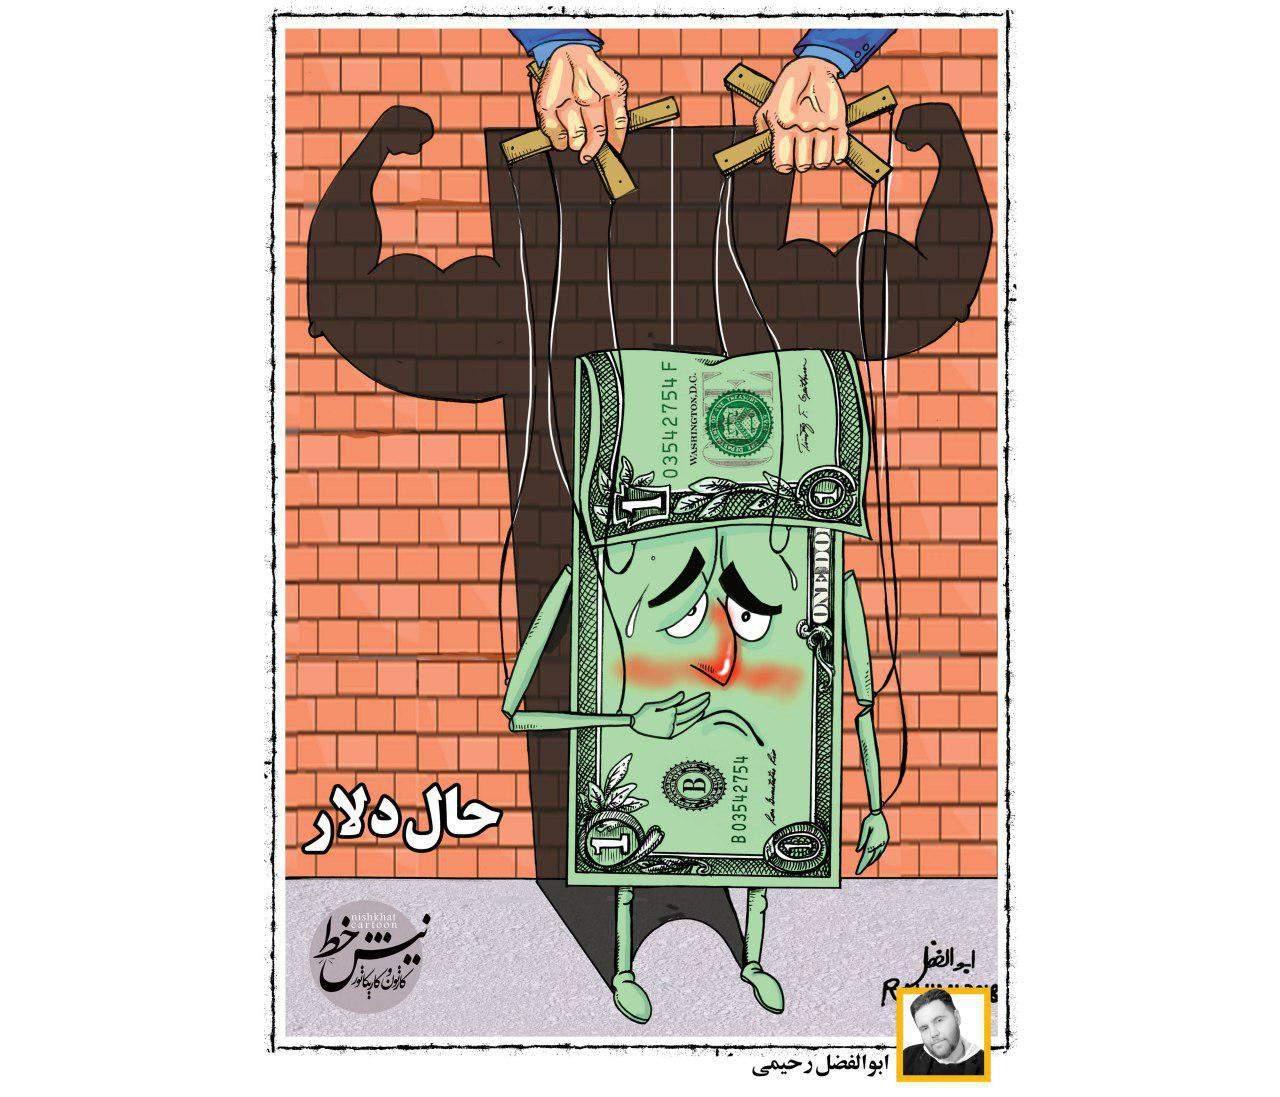 عکس خبري -حال و روز دلار در روزهاي اخير